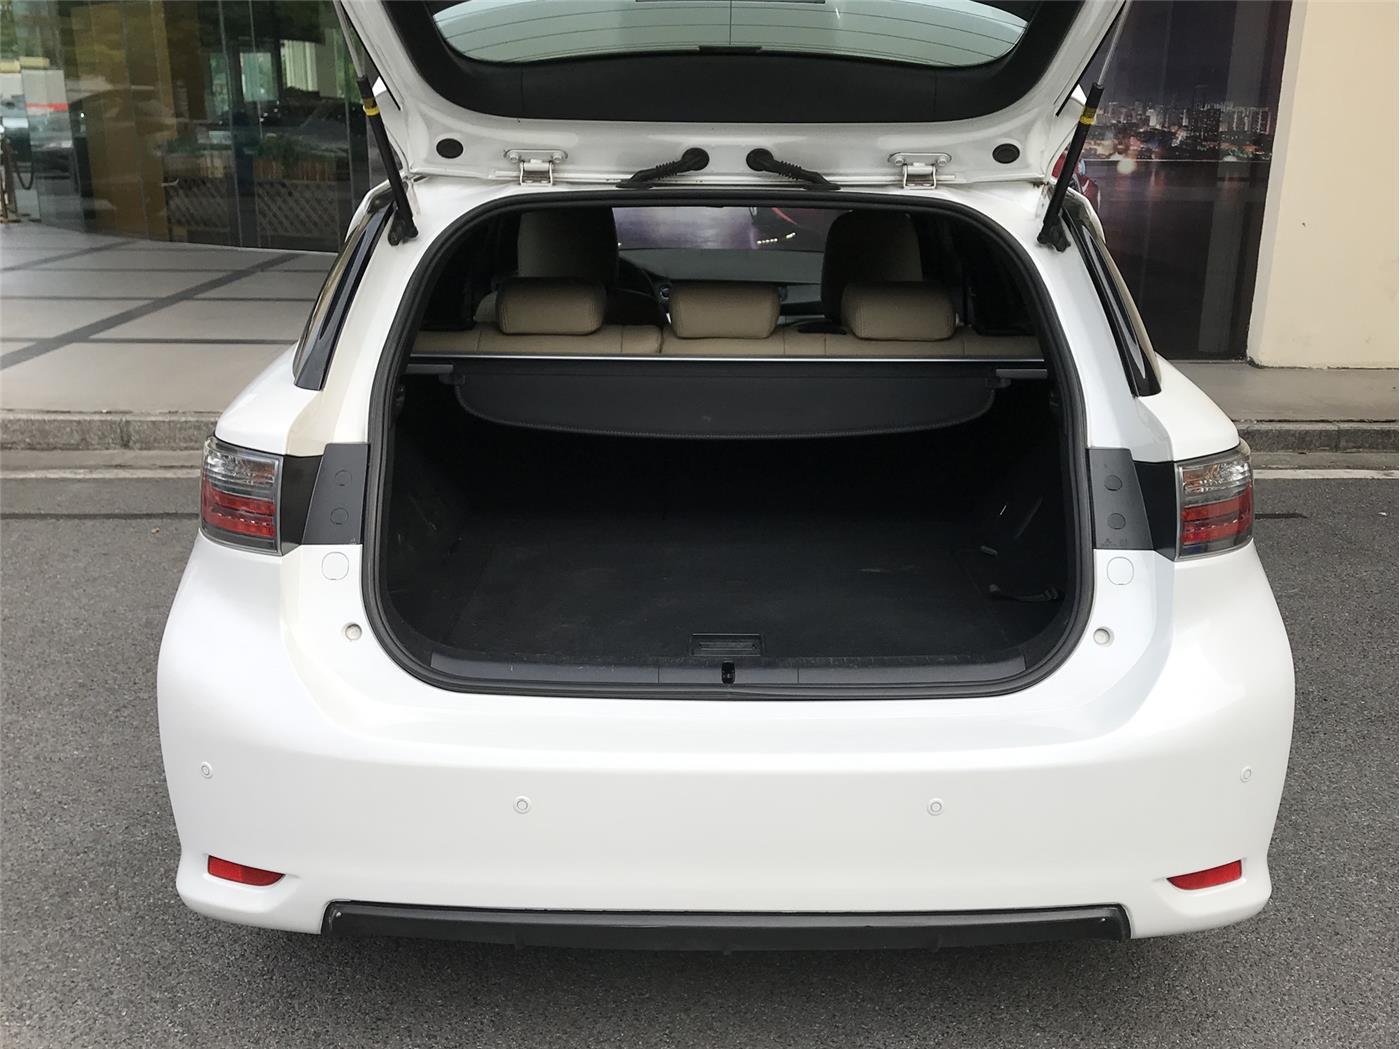 雷克萨斯CT 200h 1.8 CVT F Sport油电混合[201110]